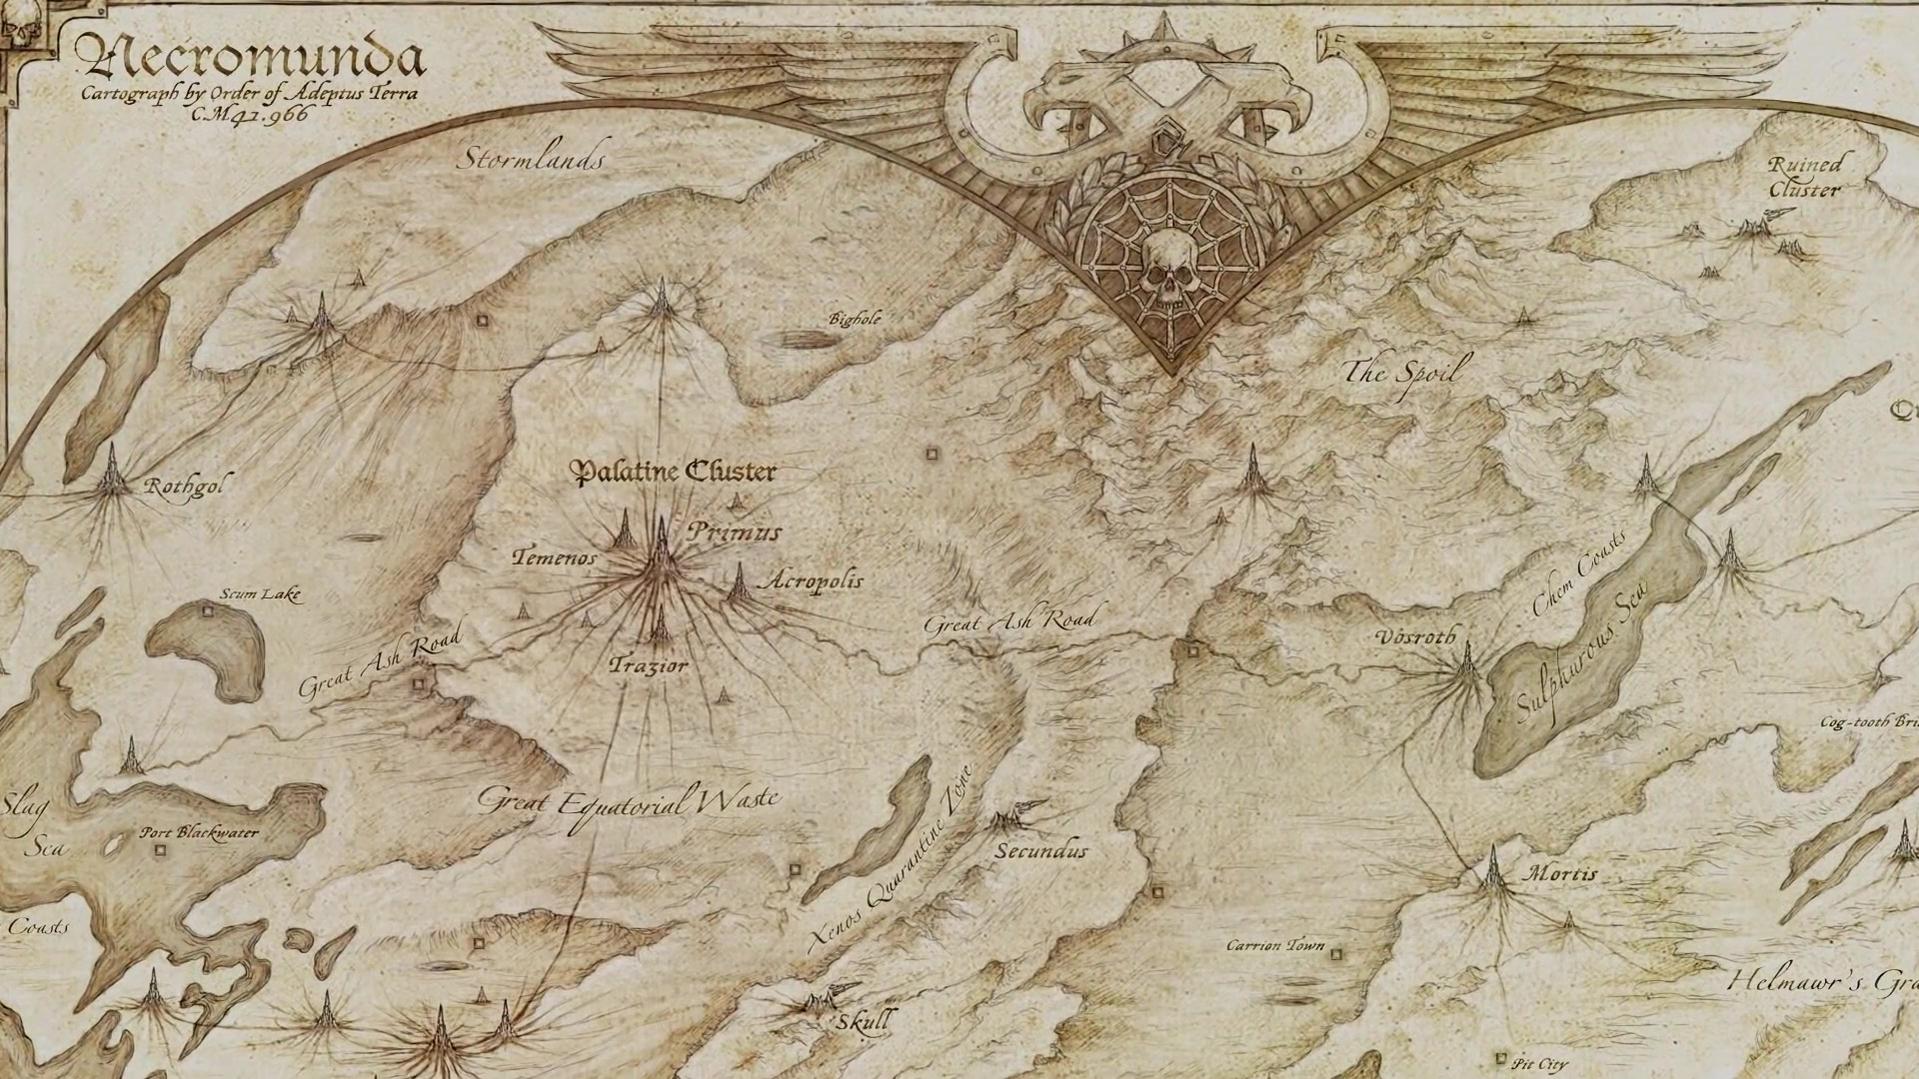 Necromunda_Map